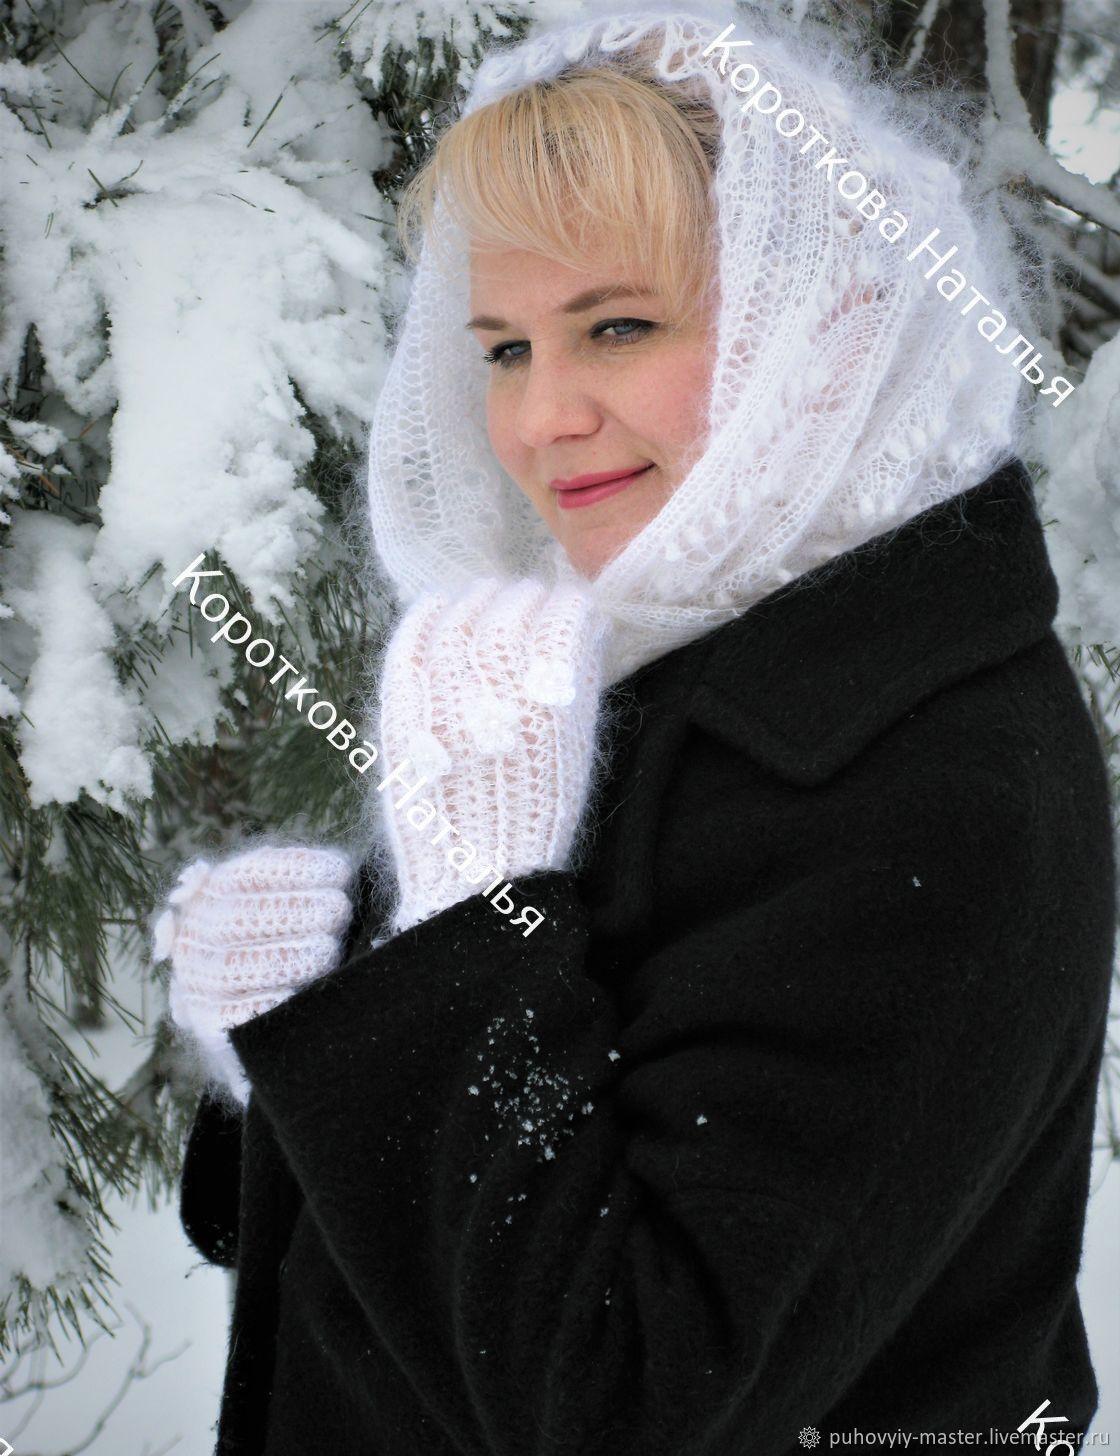 """Шали, палантины ручной работы. Ярмарка Мастеров - ручная работа. Купить Пуховый палантин """"Ландыши на снегу """". Handmade. Зима"""